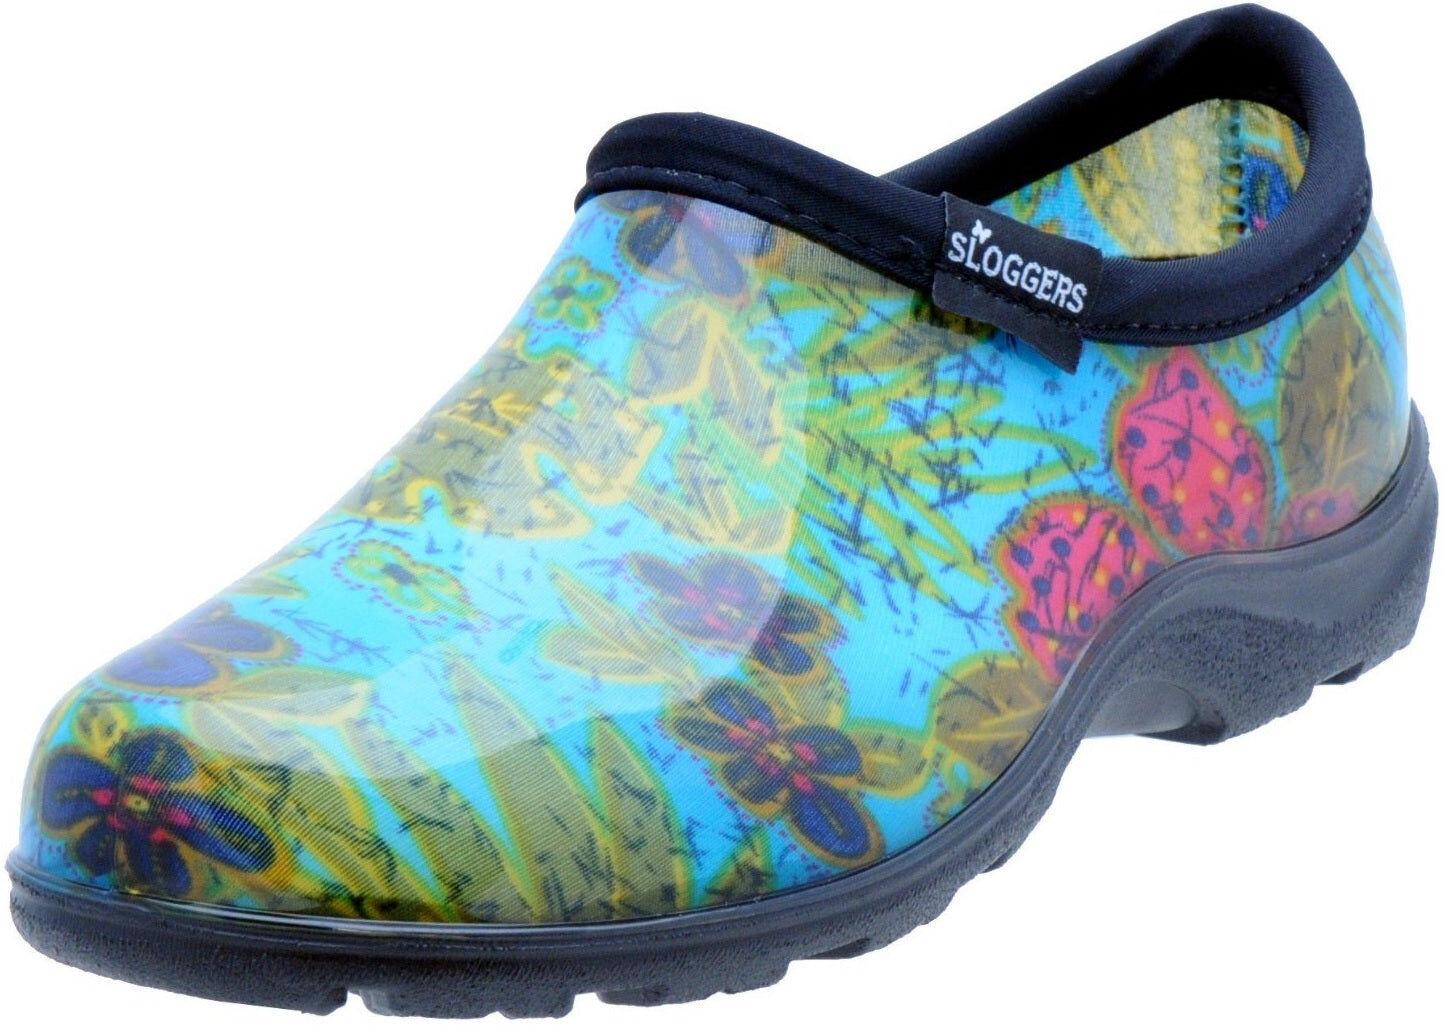 Sloggers 5102bl07 Womens Garden Shoes, Midsummer Blue, Size 7